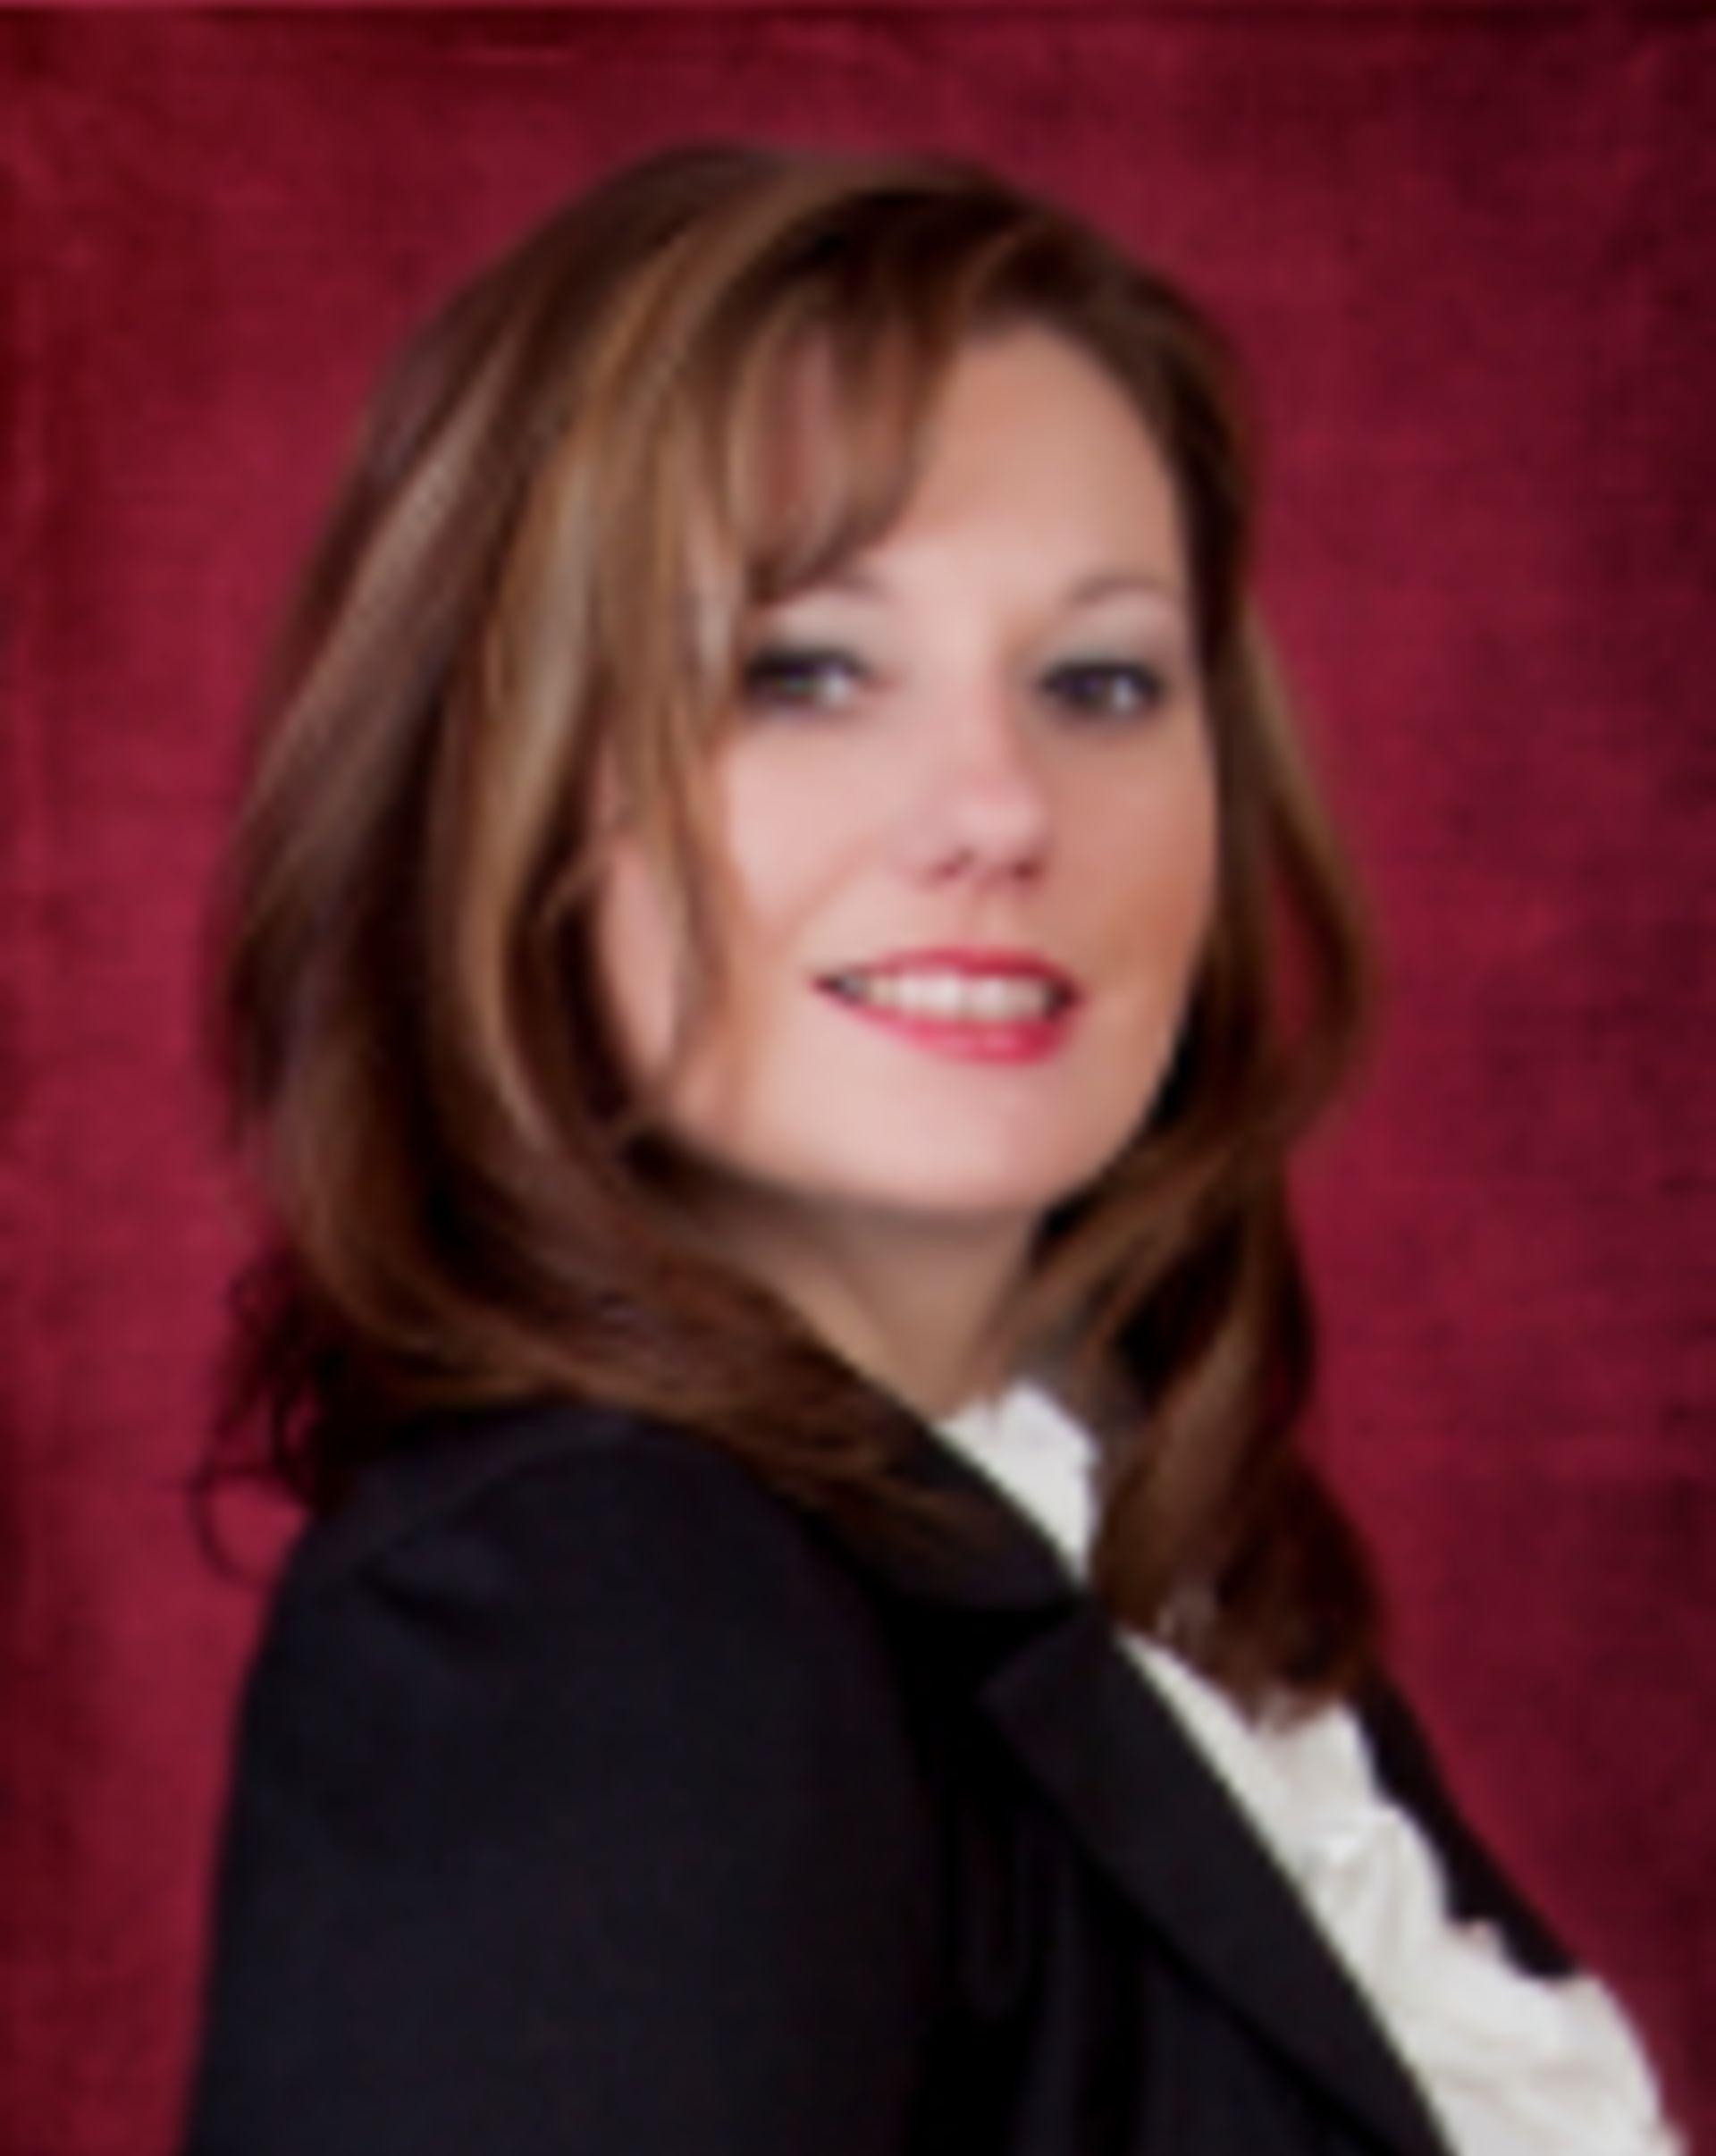 Carrie Woodruff